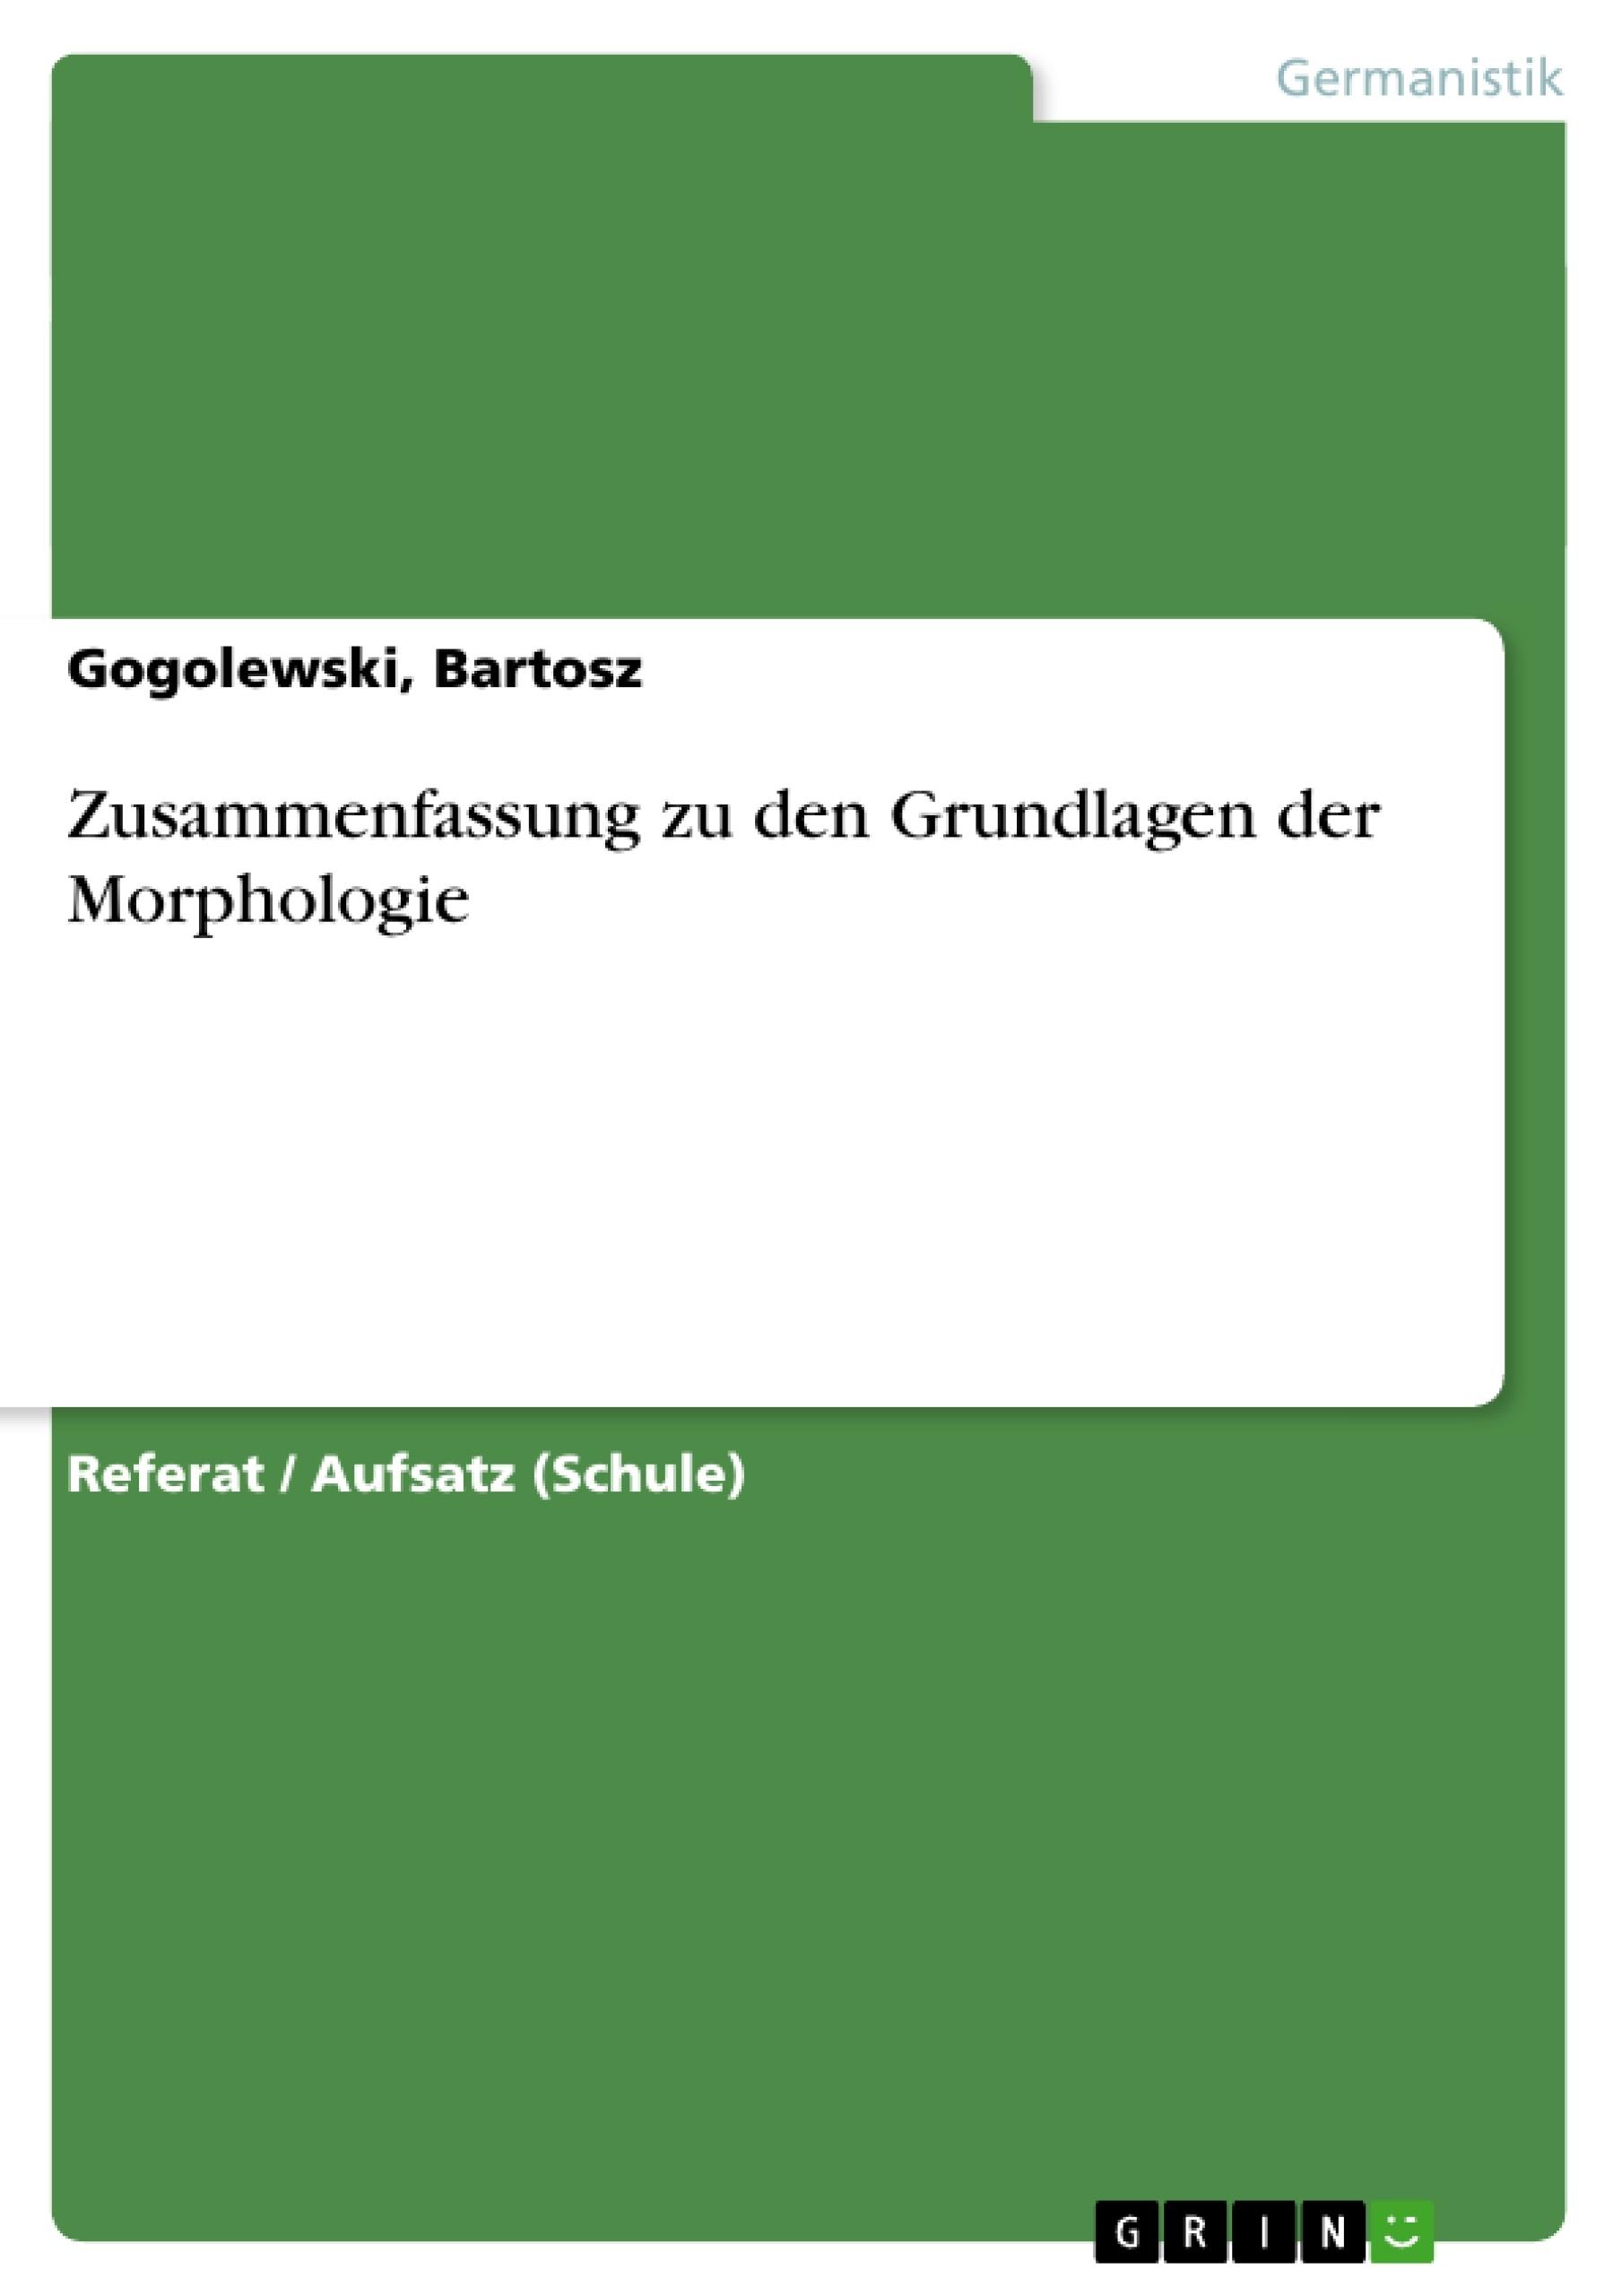 Zusammenfassung Zu Den Grundlagen Der Morphologie Masterarbeit